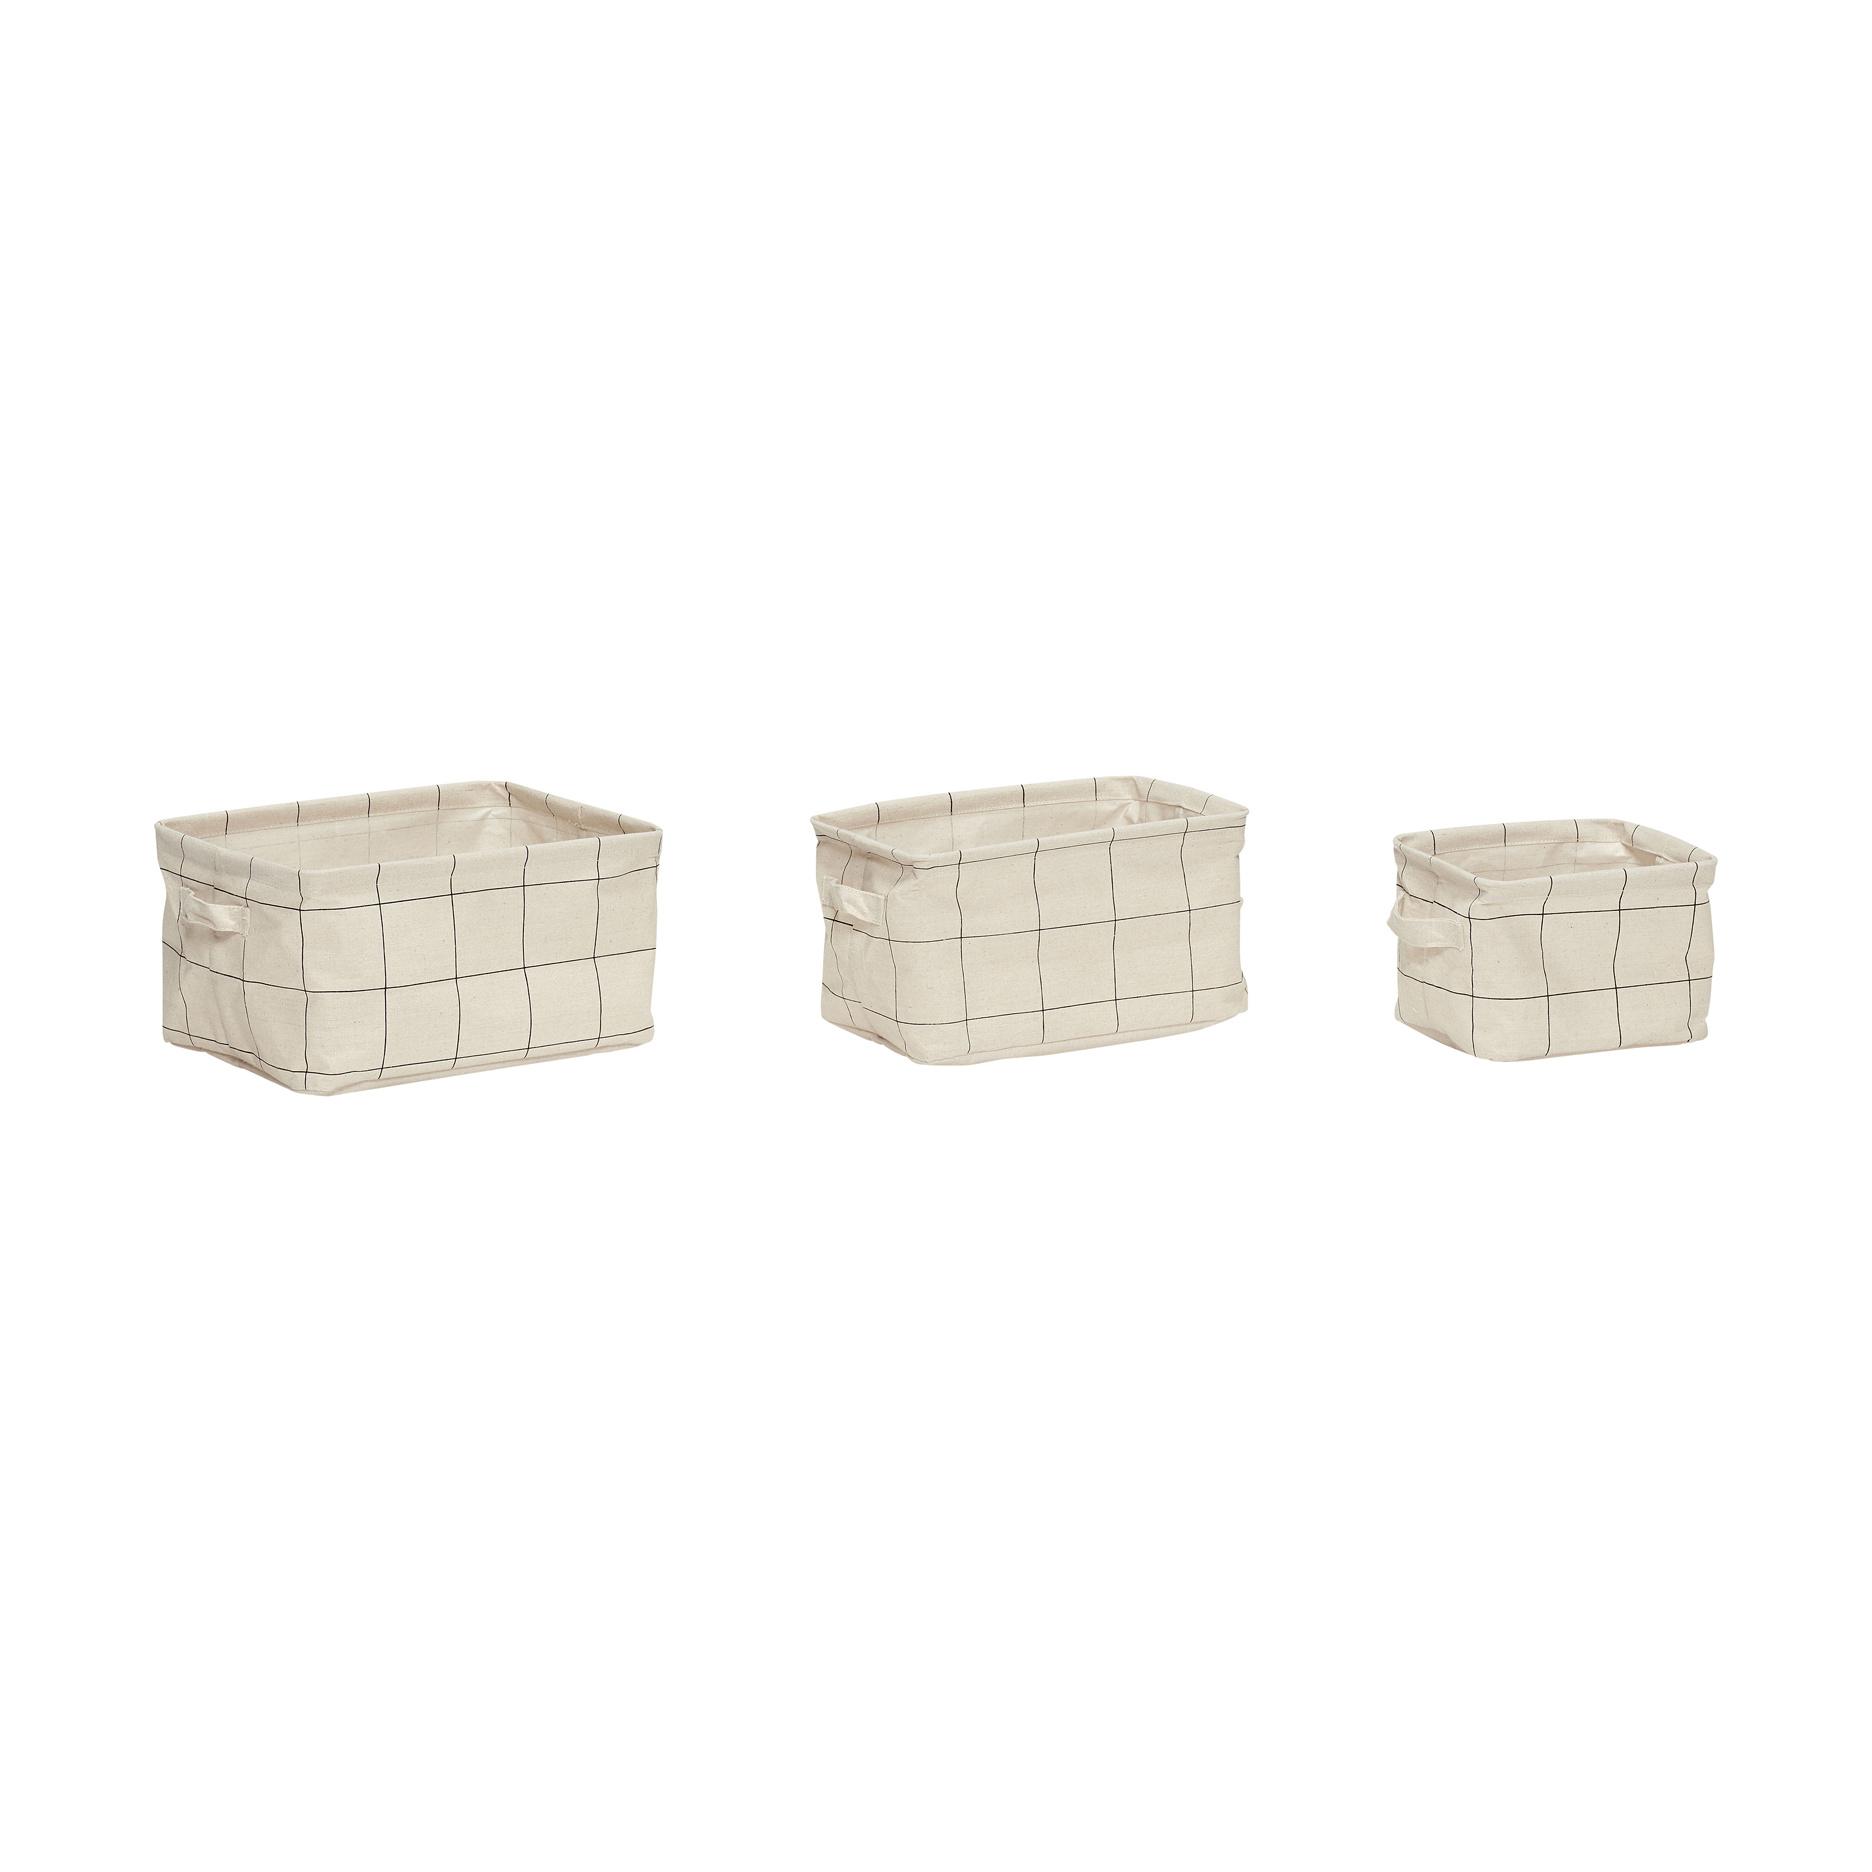 Hubsch Mand met patroon, handvat, vierkant, papier, grijset van wit, set van 3